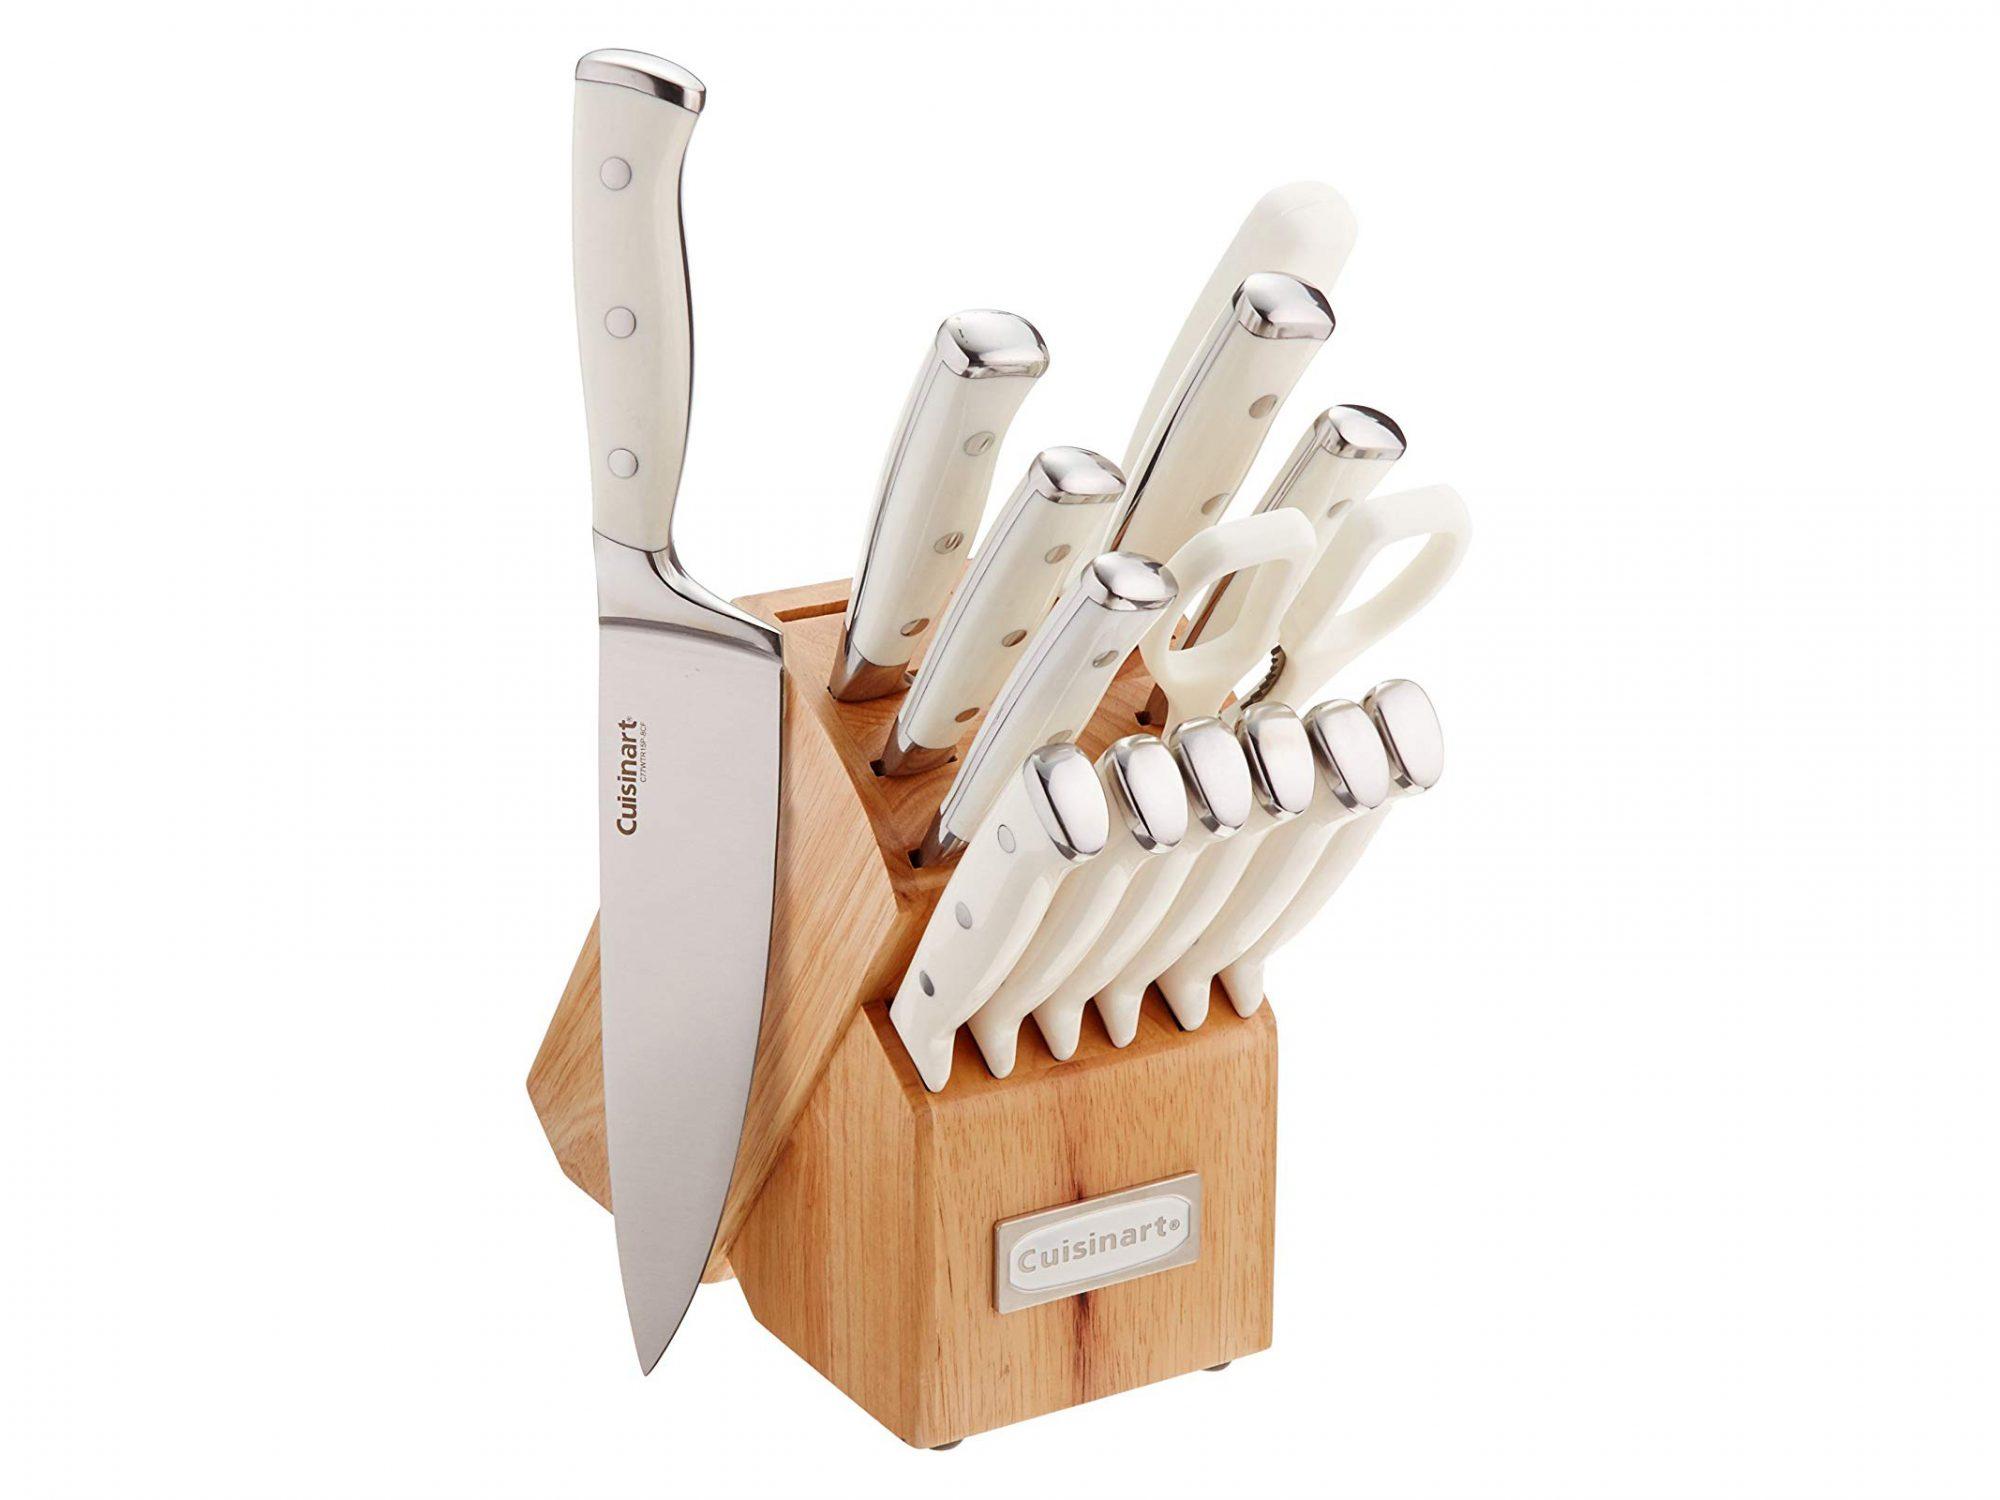 Cuisinart C77WTR-15P Triple Rivet Collection 15-Piece Cutlery Block Set